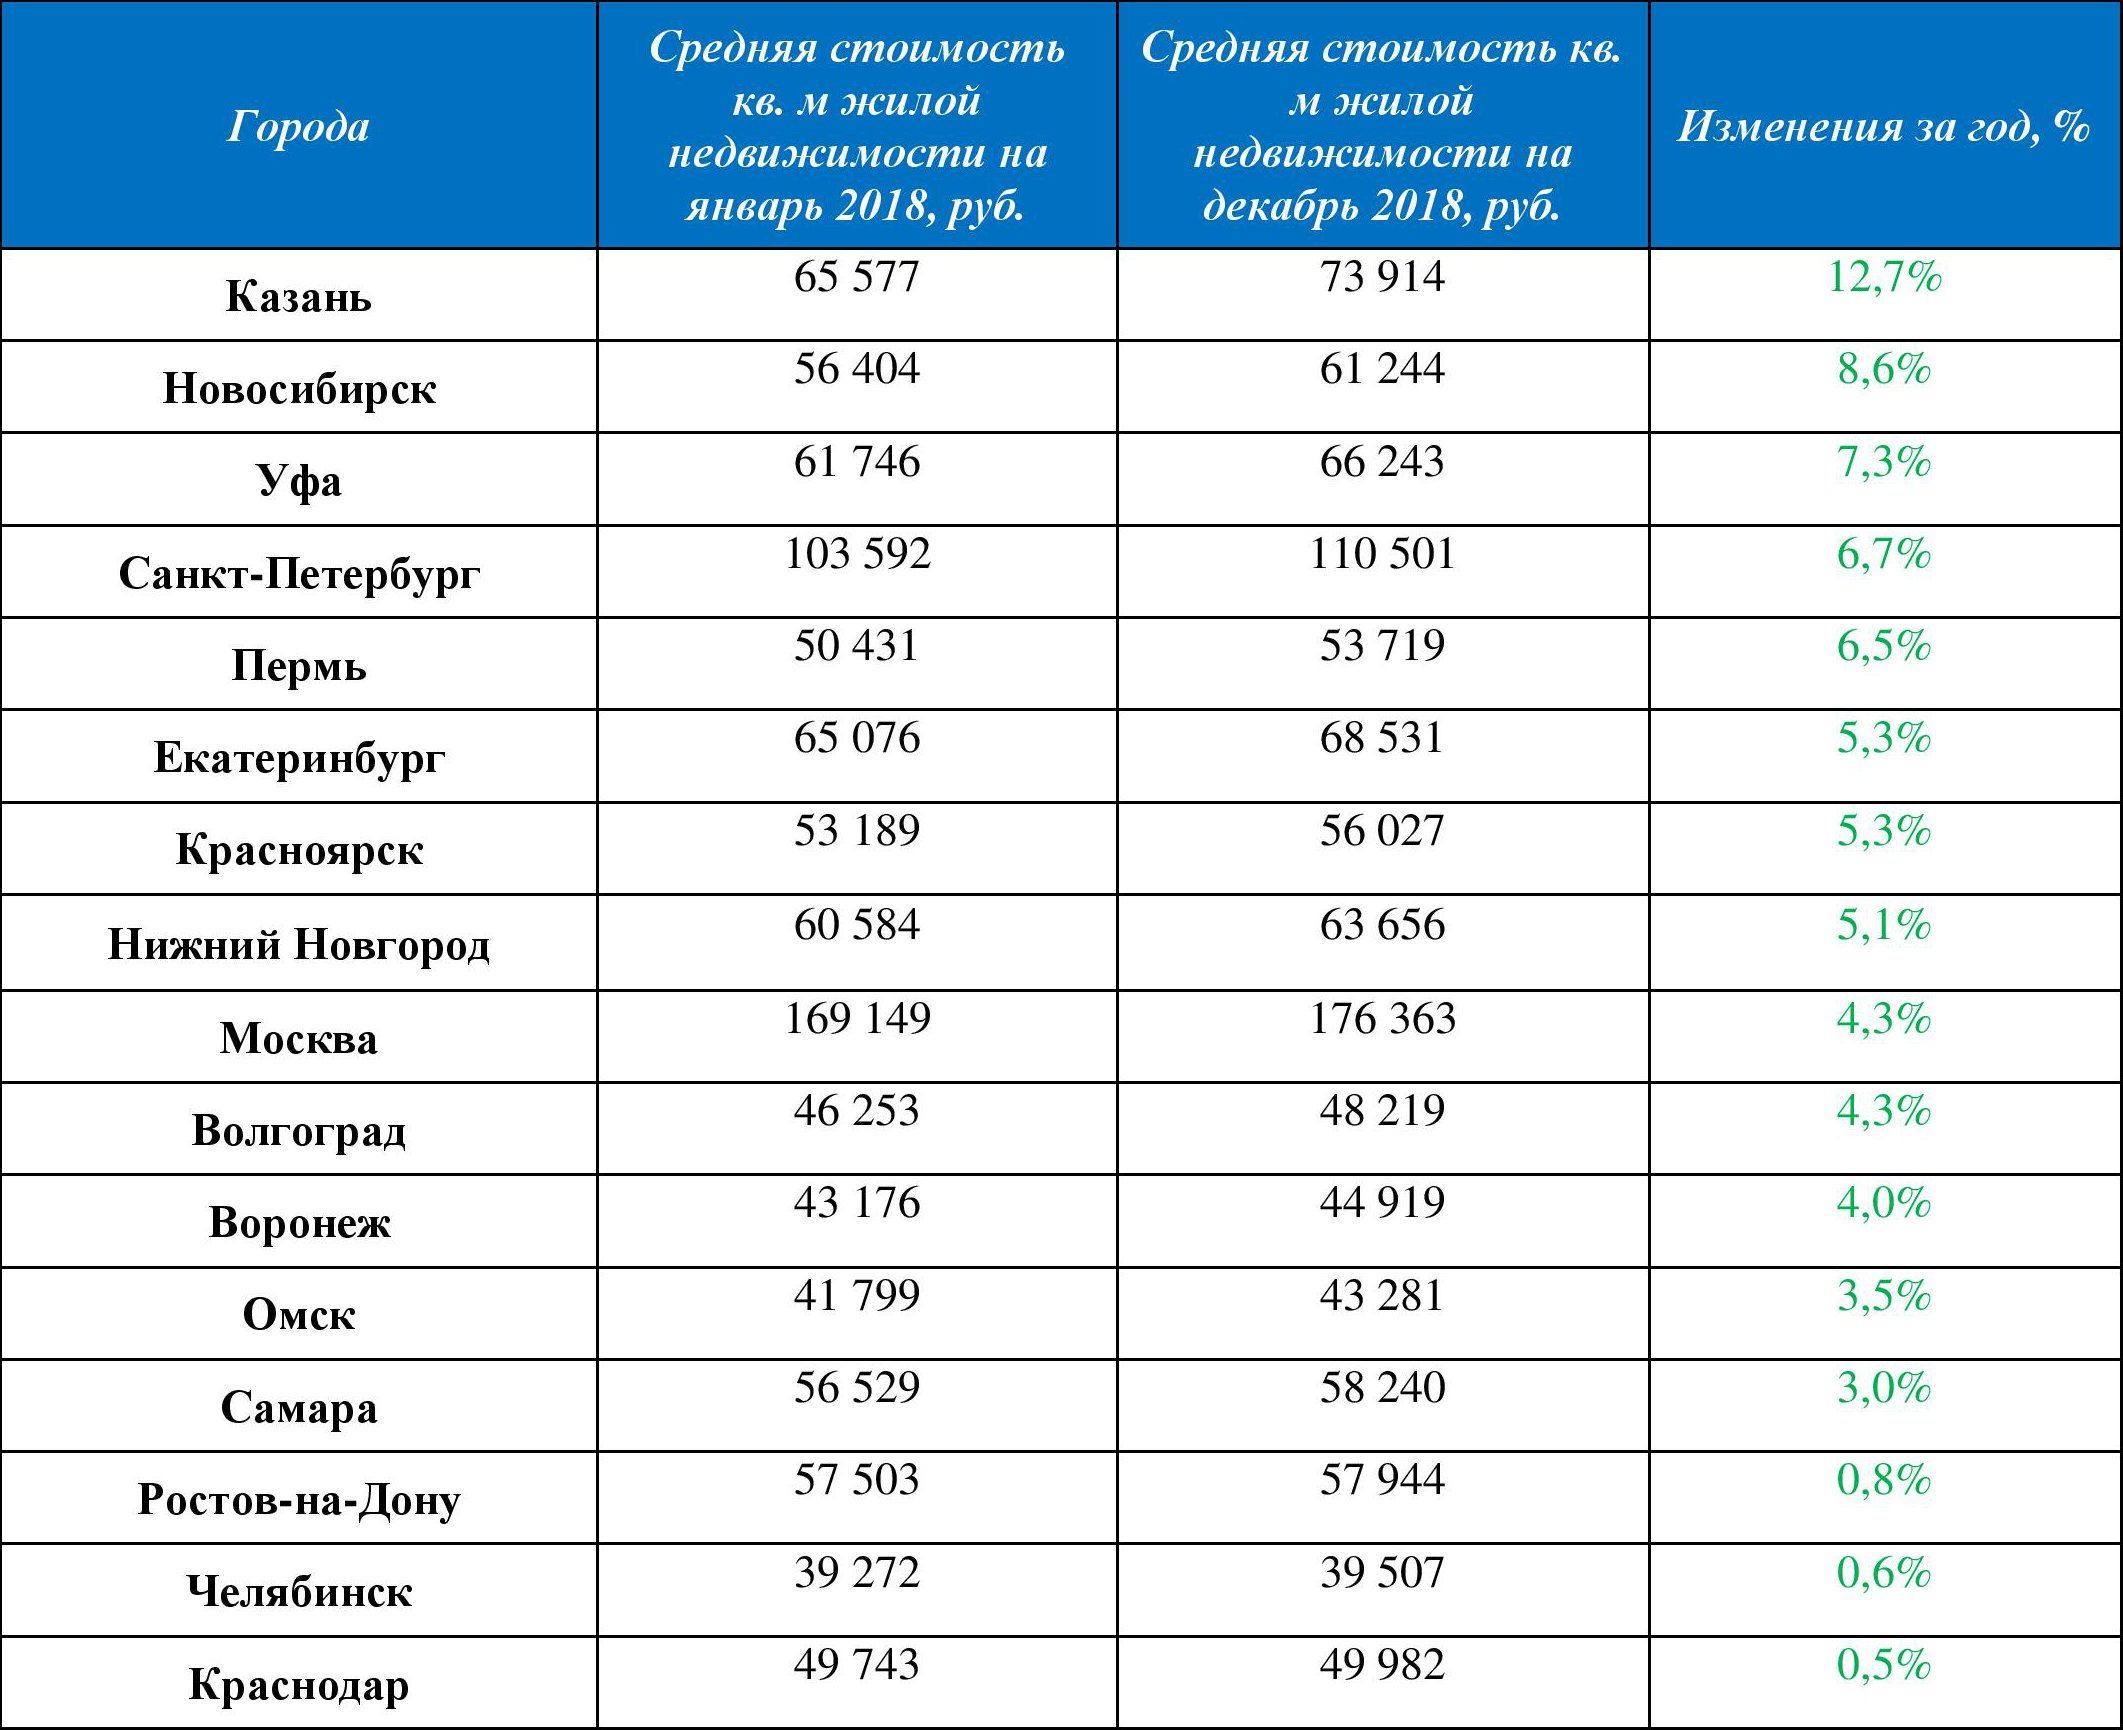 Средняя цена жилья на вторичном рынке Нижнего Новгорода выросла на 5,1% по итогам 2018 года - фото 2